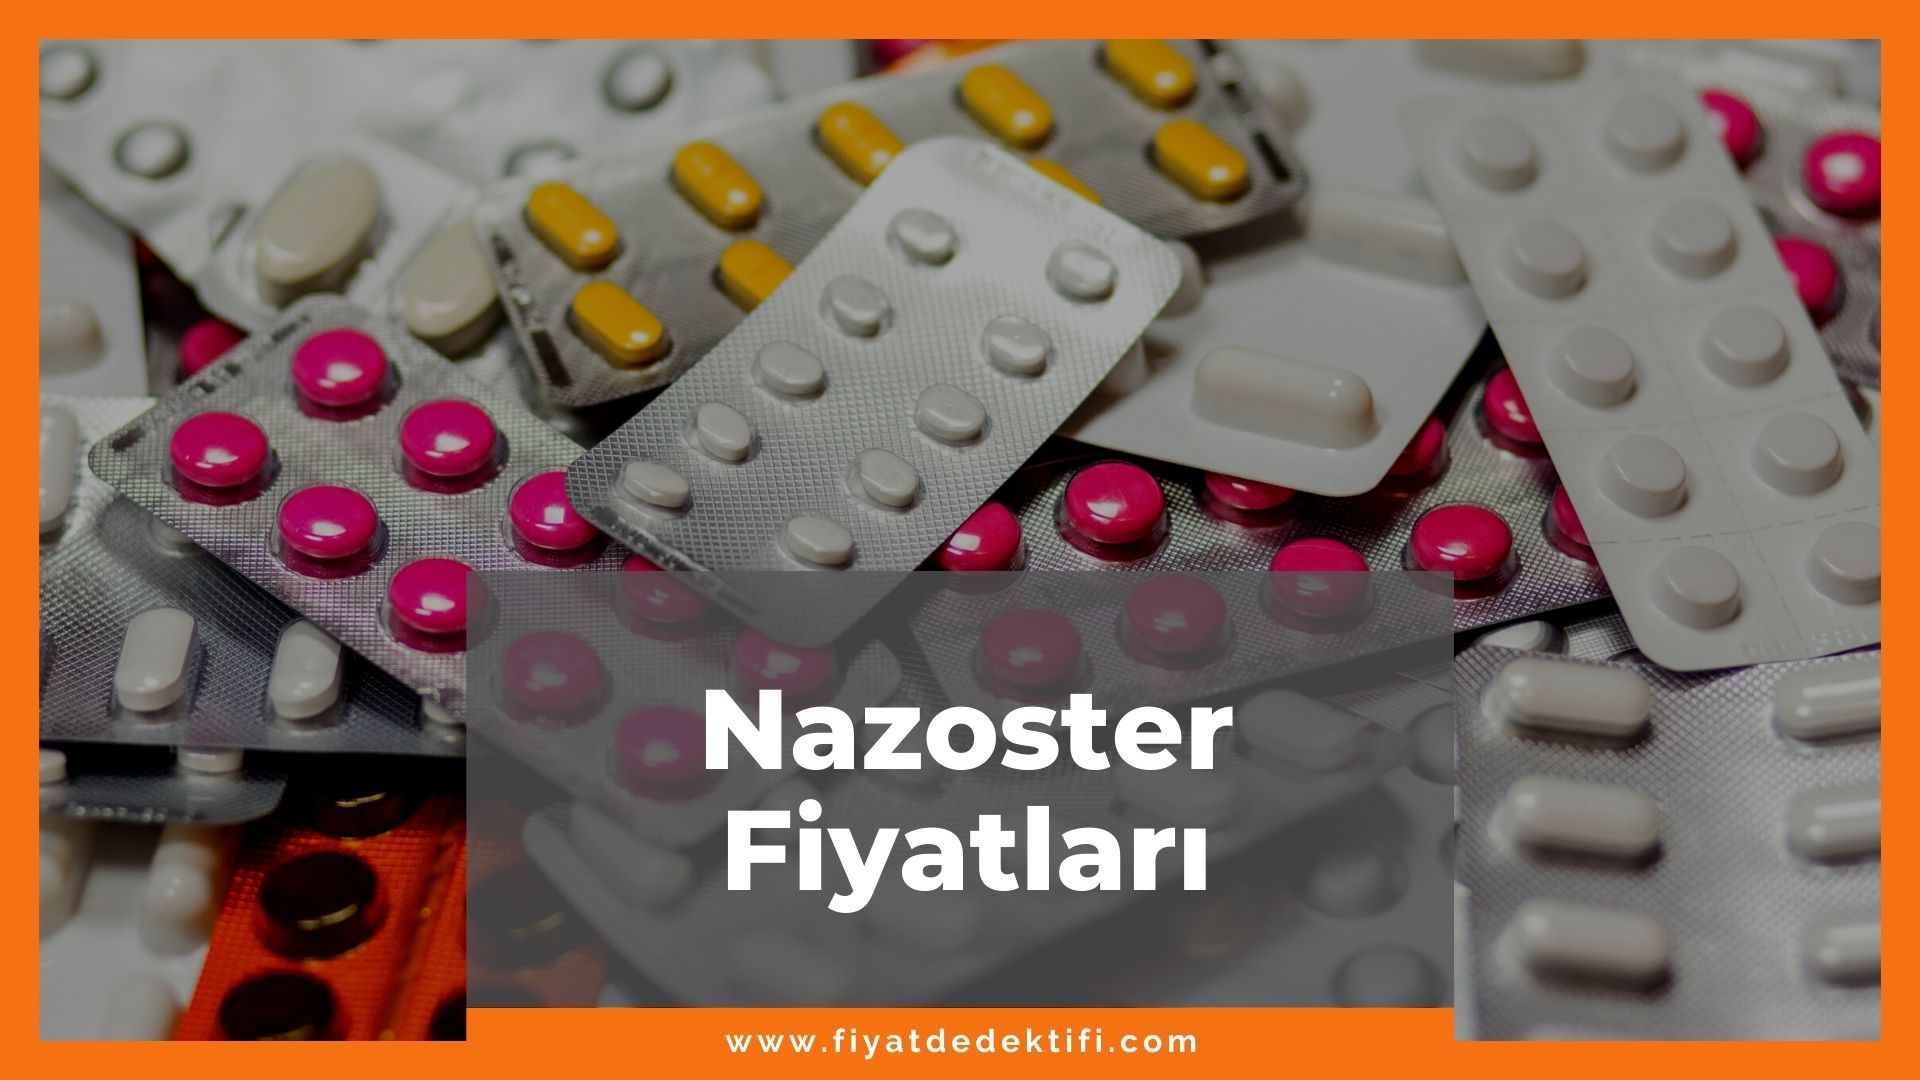 Nazoster Fiyat 2021, Nazoster Fiyatı, Nazoster Sprey Fiyatı, nazoster zamlandı mı, nazoster zamlı fiyatı ne kadar kaç tl oldu